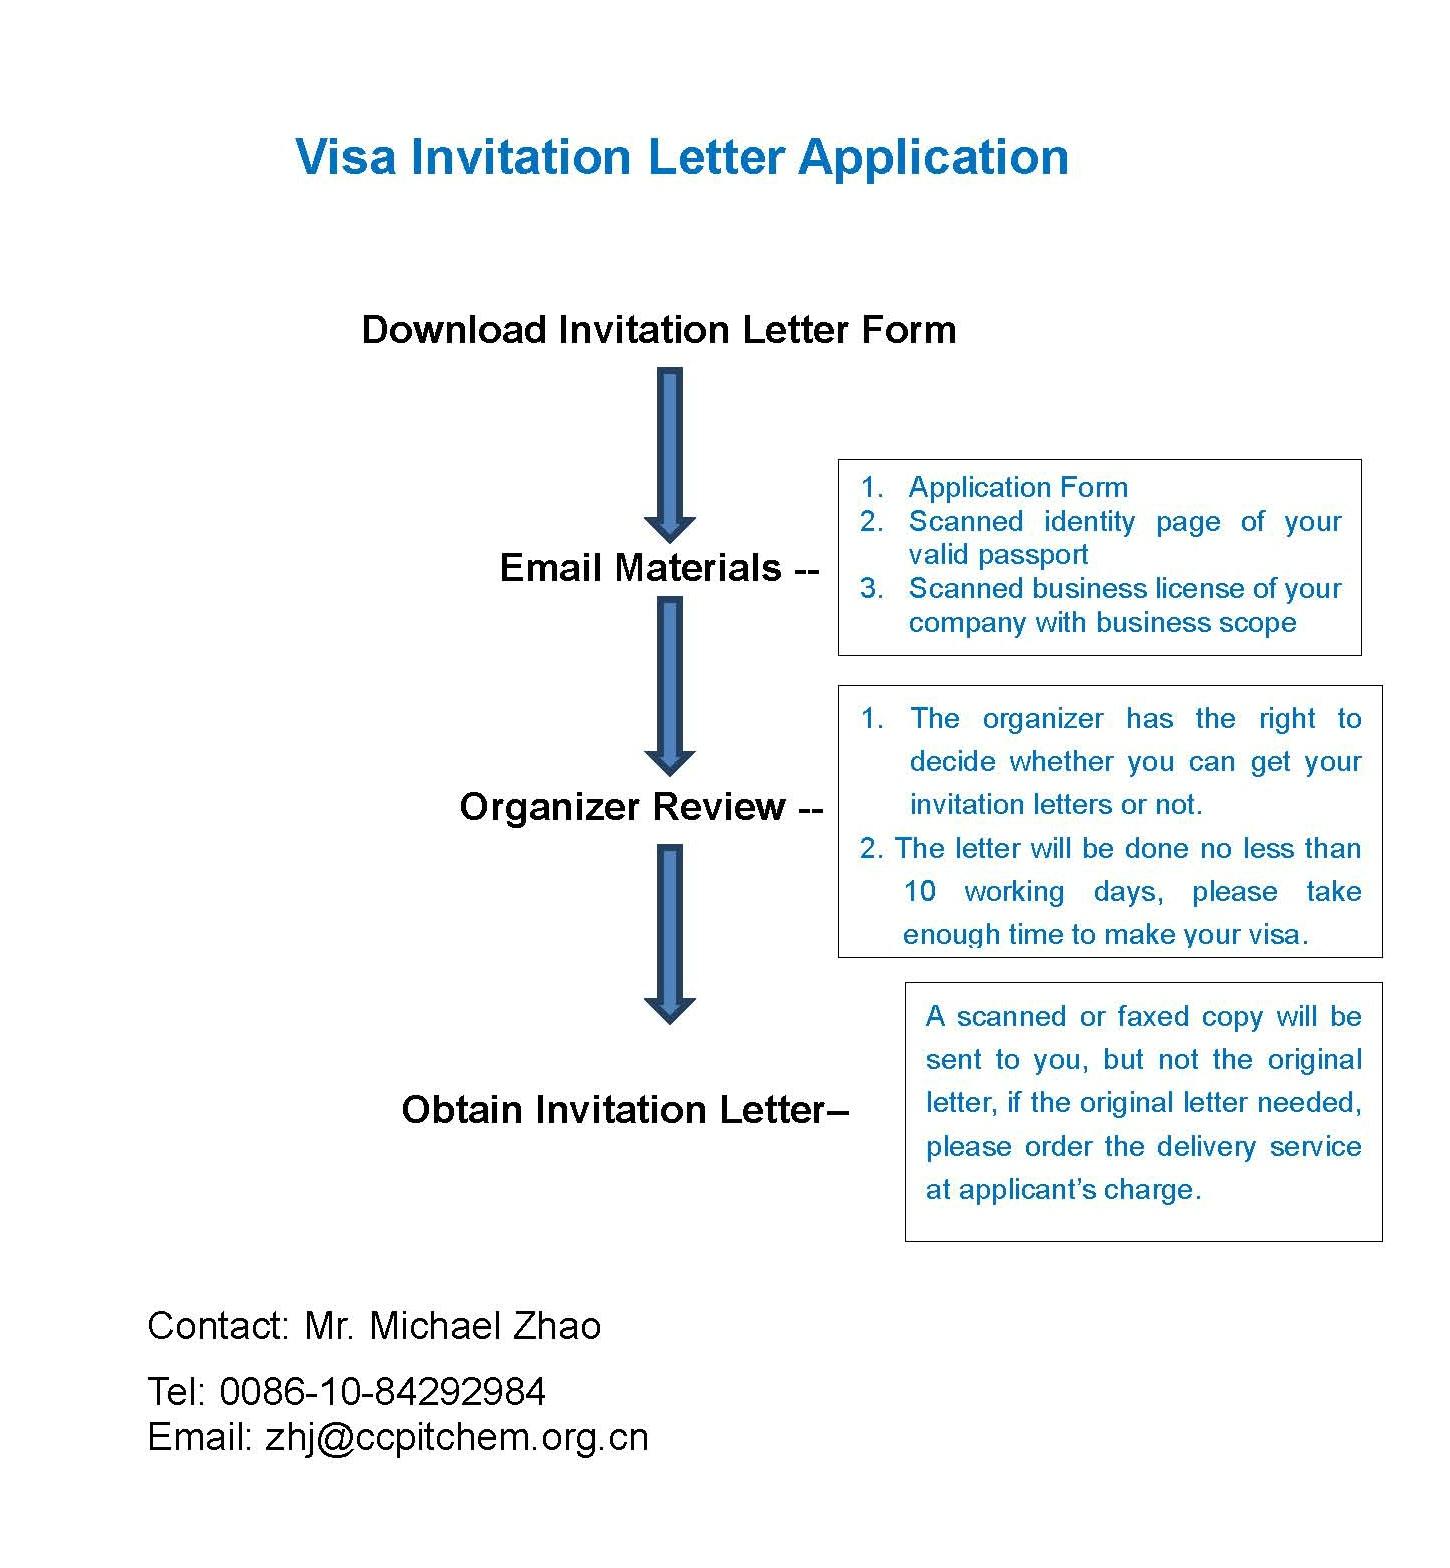 英文页面中的VISA 流程.jpg